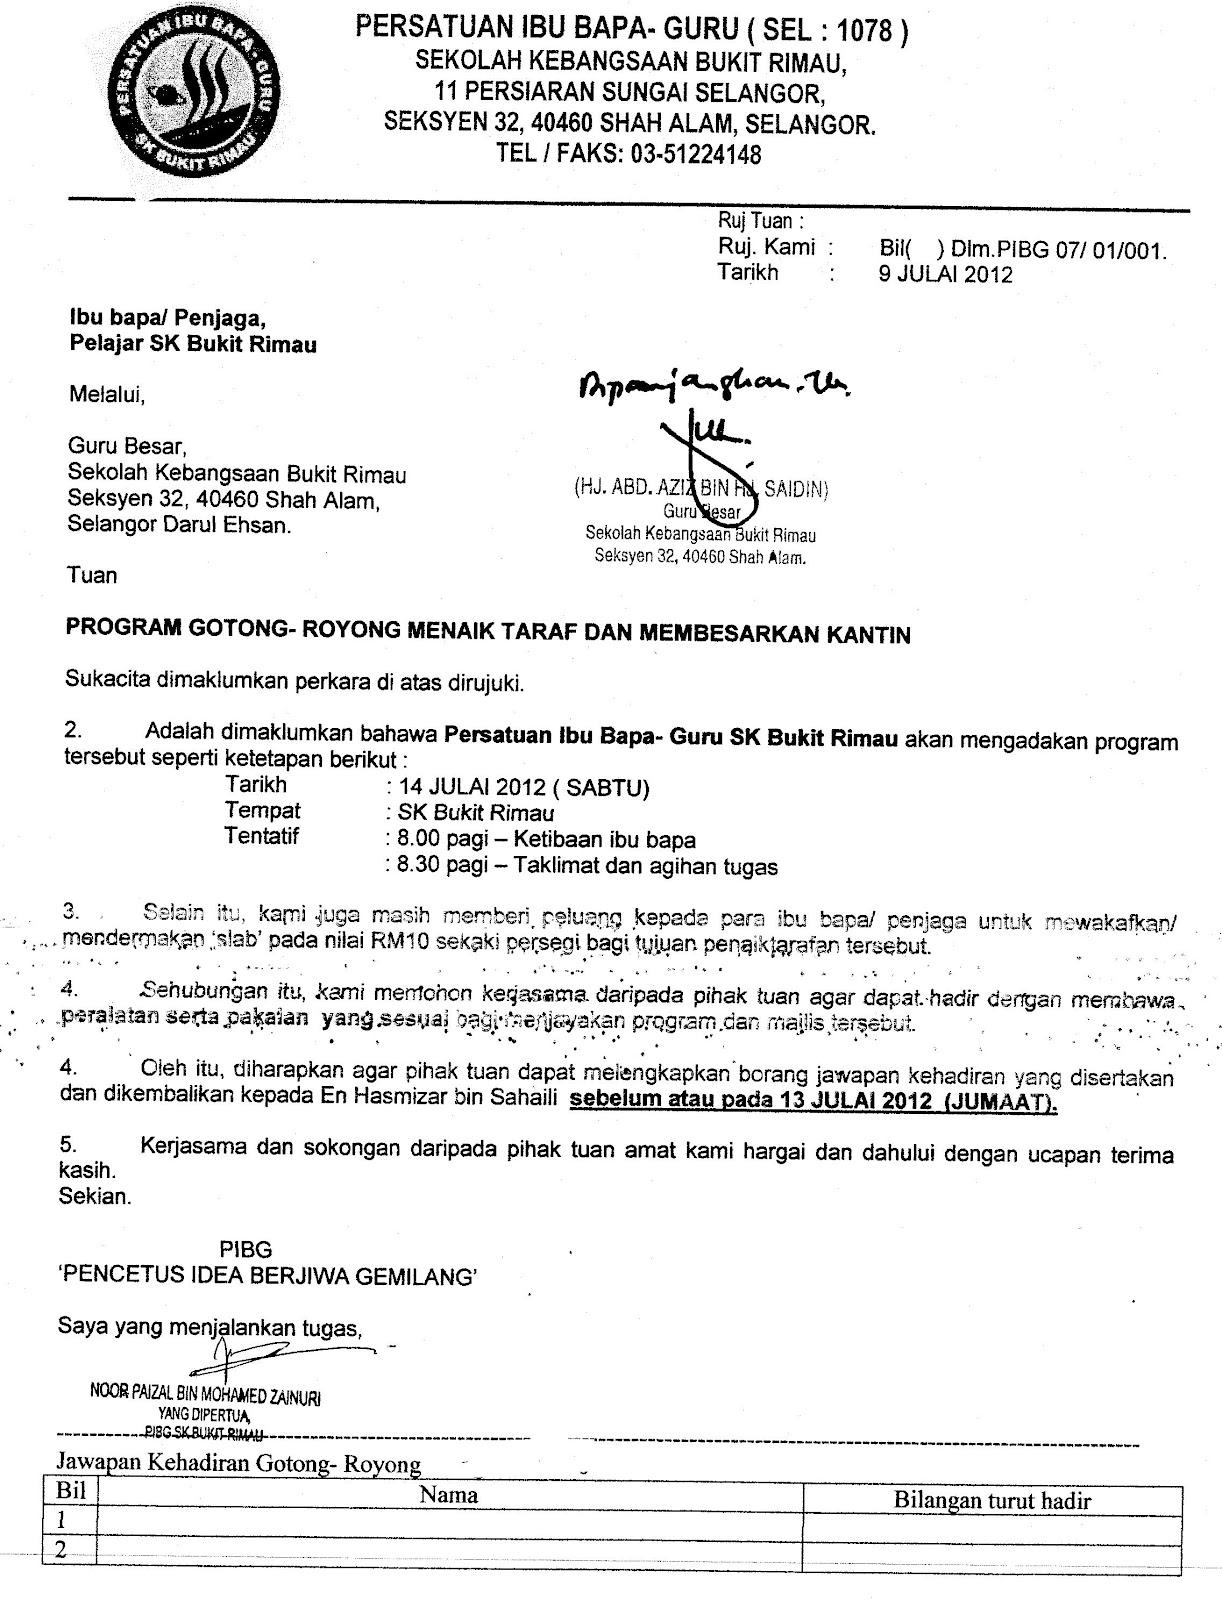 Contoh Laporan Gotong Royong Contoh Soal2 – Cuitan Dokter